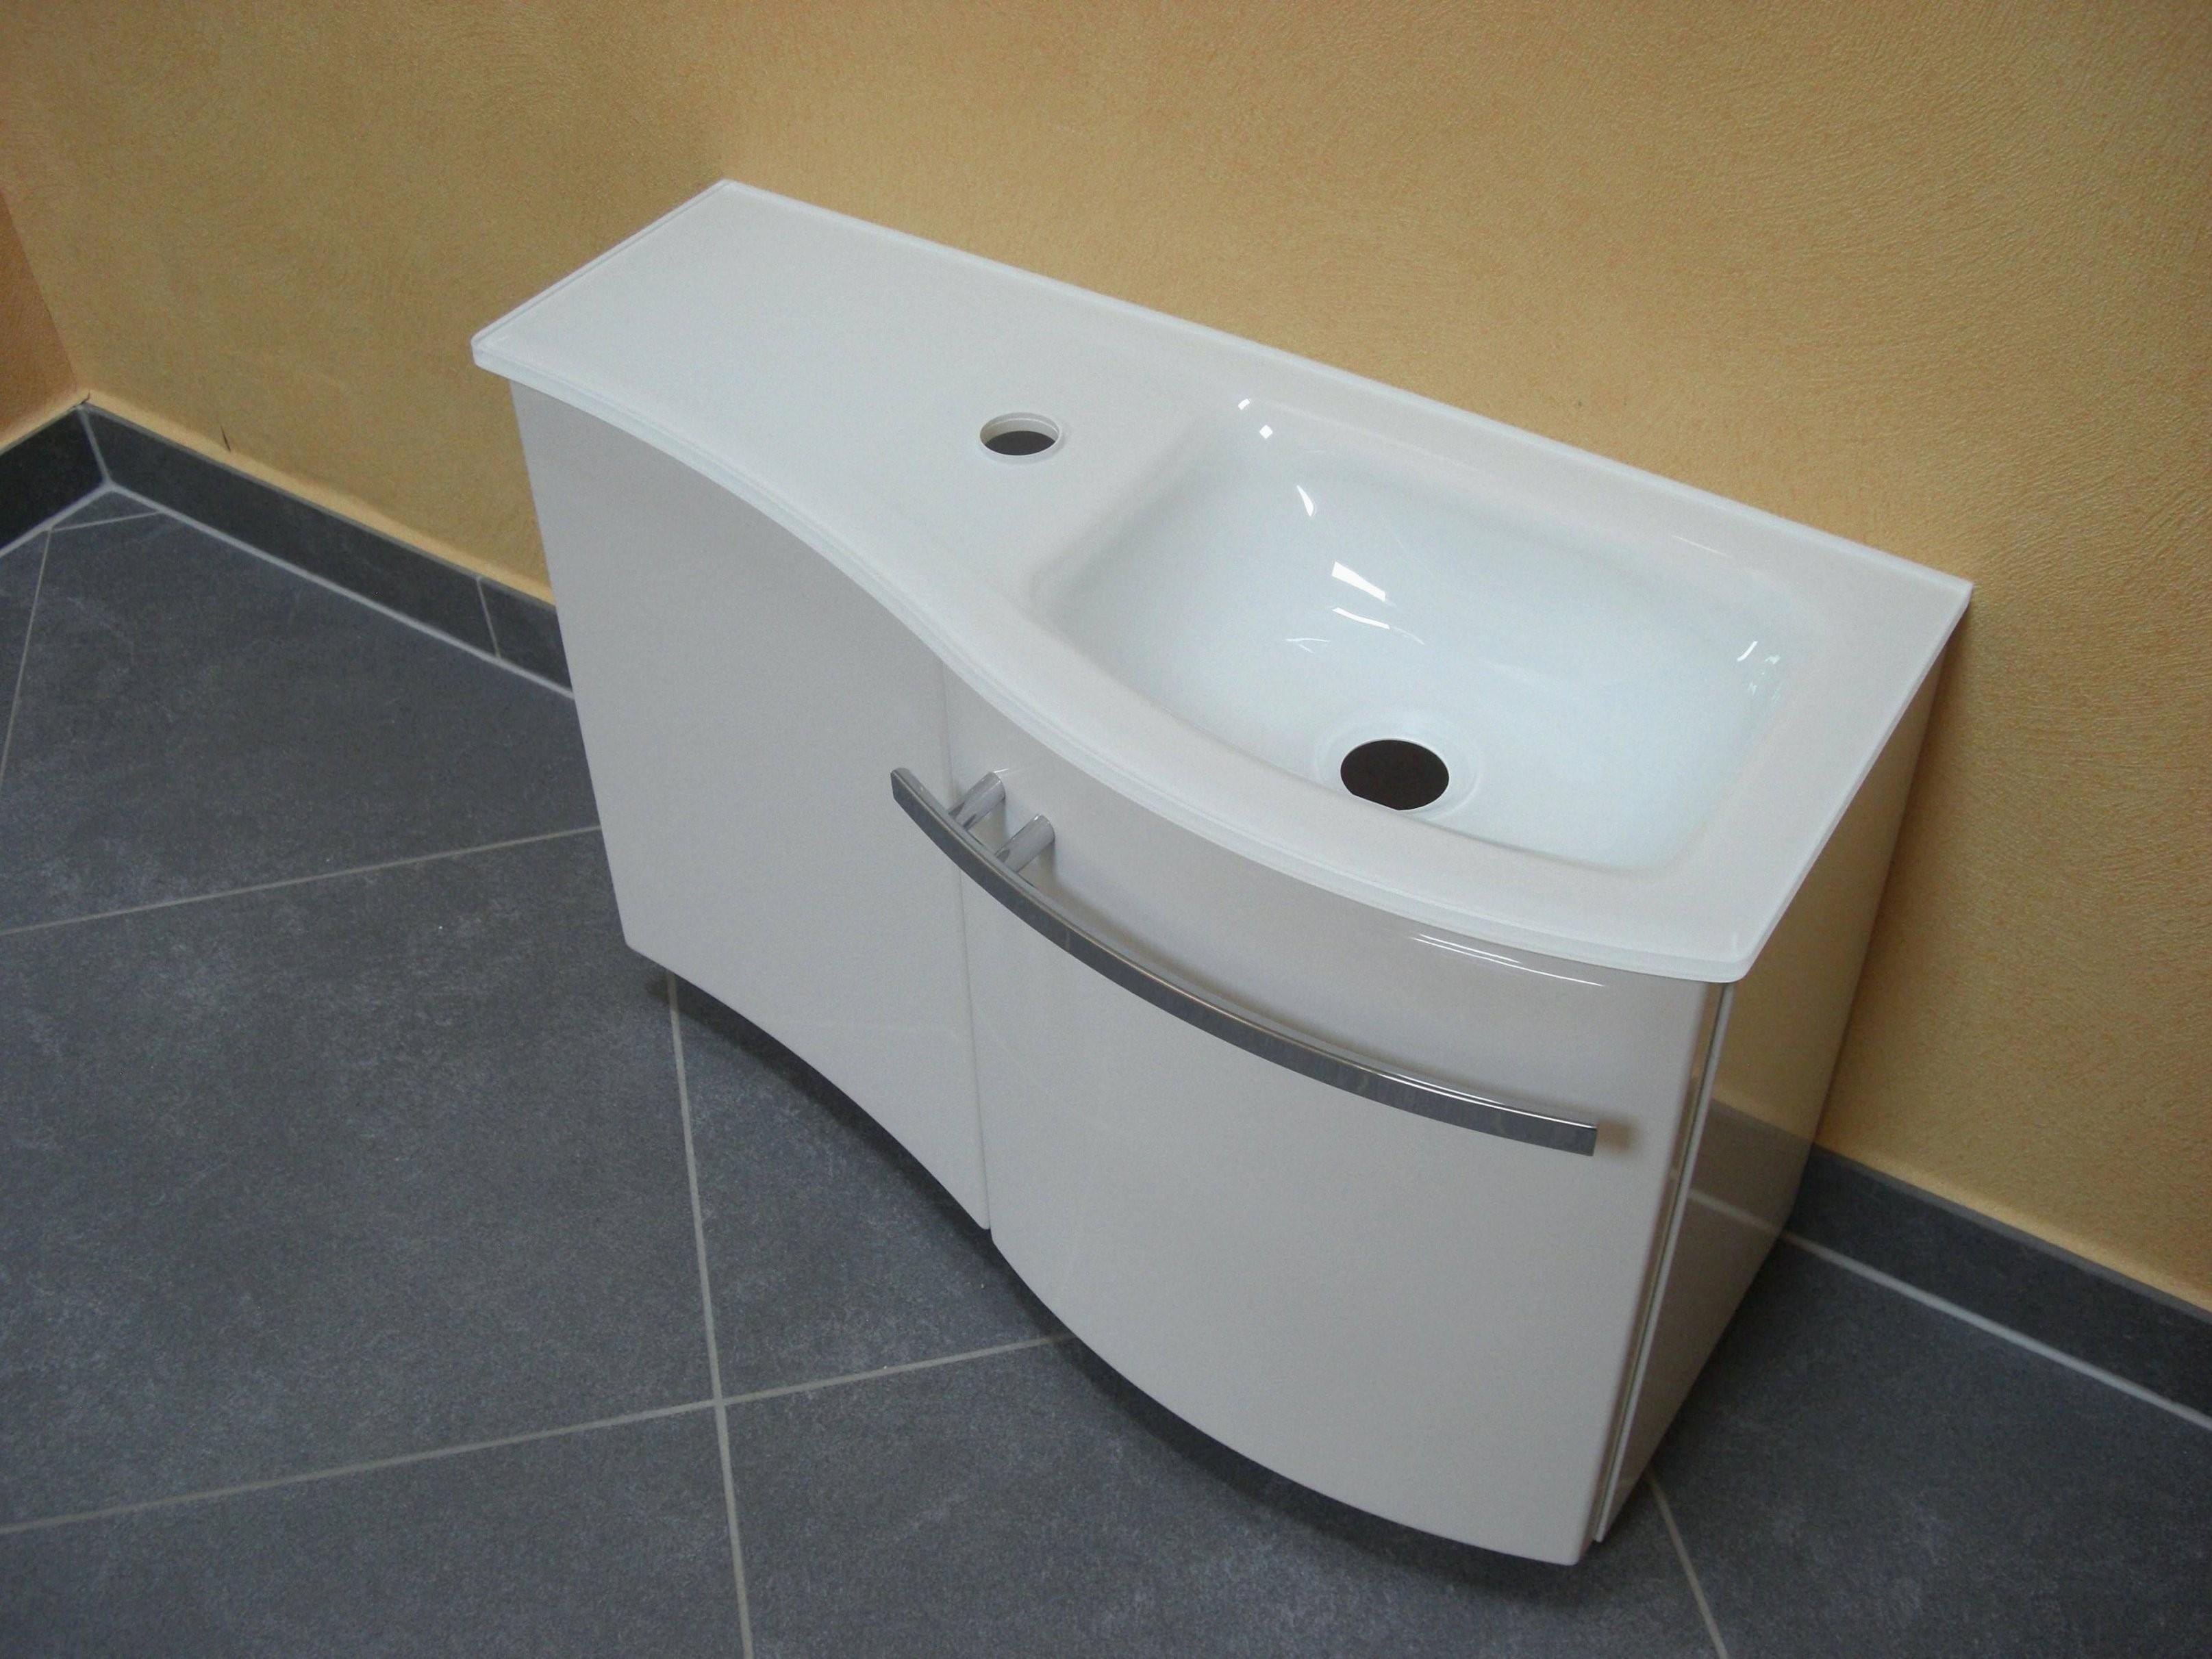 Kleines Waschbecken Mit Unterschrank Für Gäste Wc | Haus Bauen